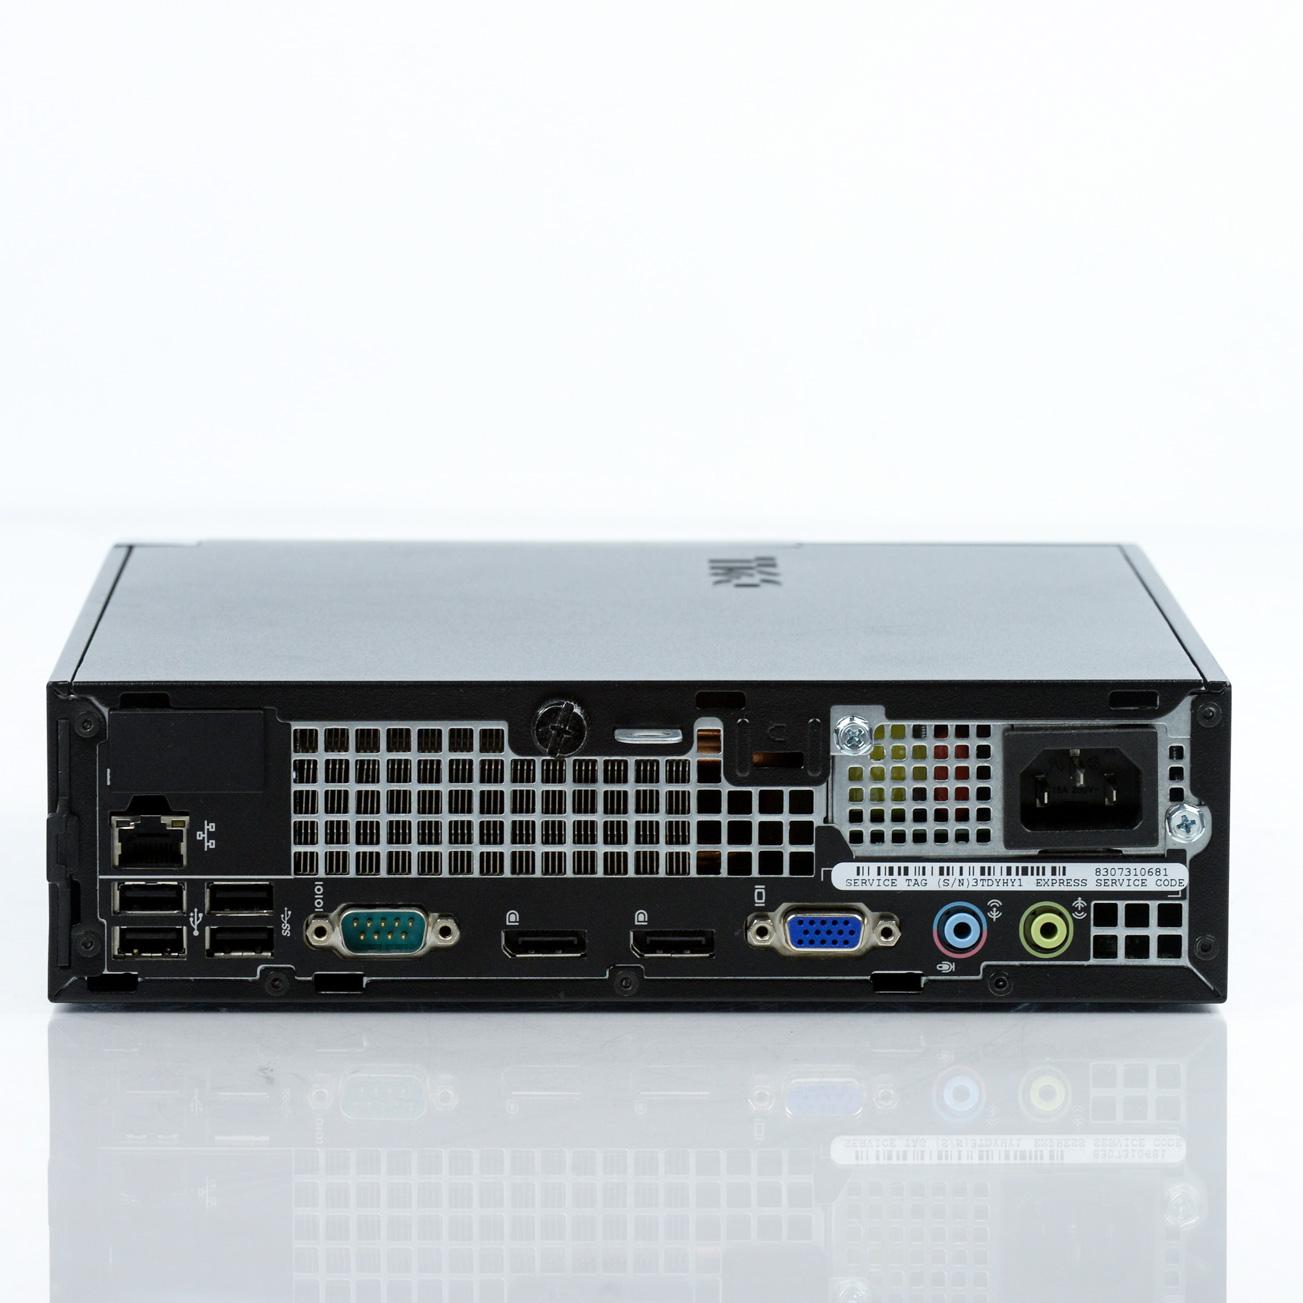 Dell Optiplex 7010 USFF Core i5-3470S 2.9GHz 4GB 250GB Win 7 Pro 1 Yr Wty